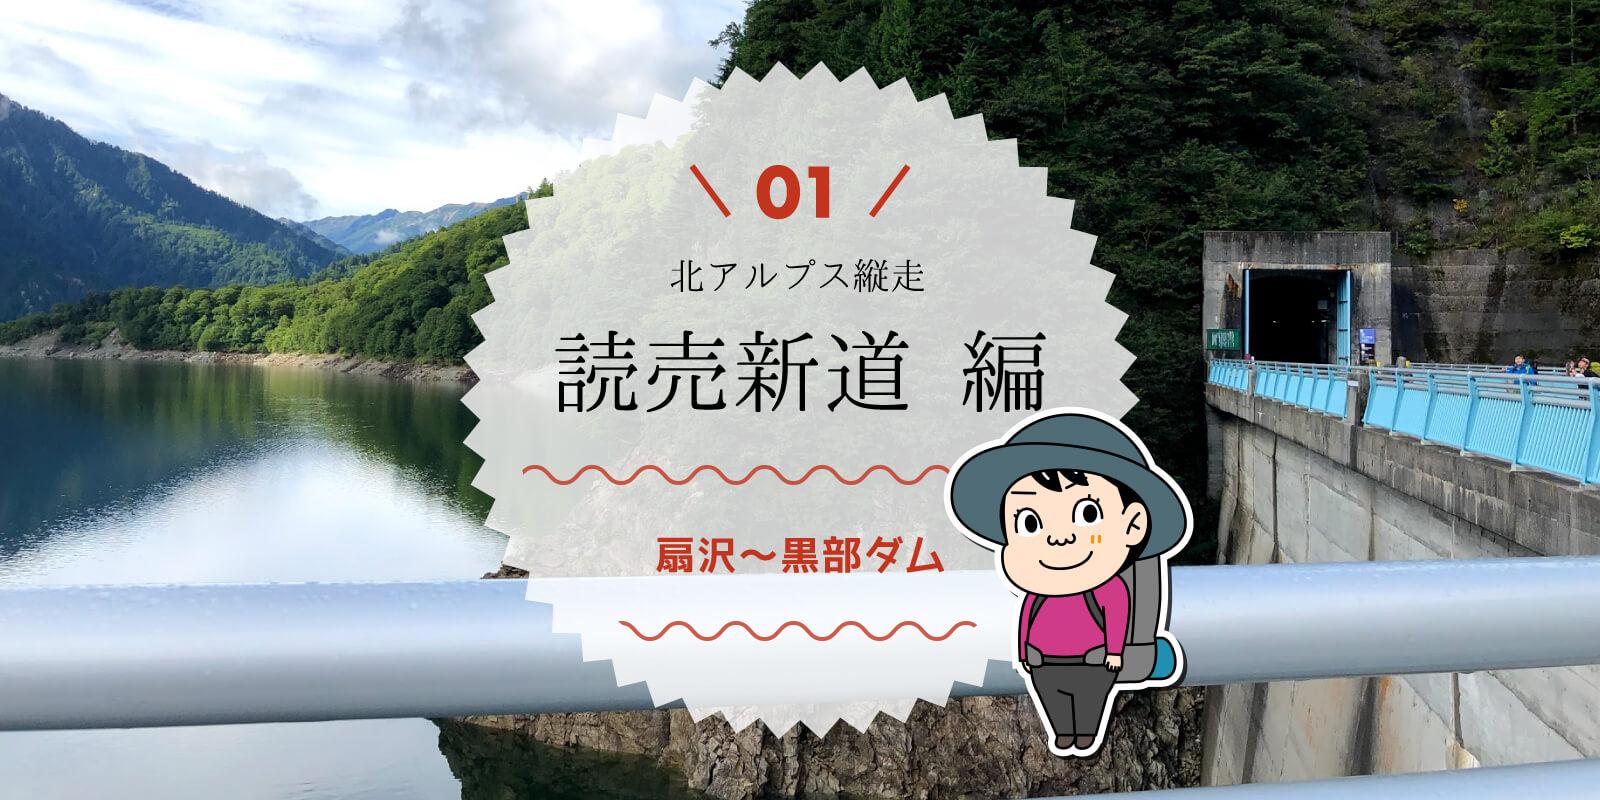 読売新道タイトル画面